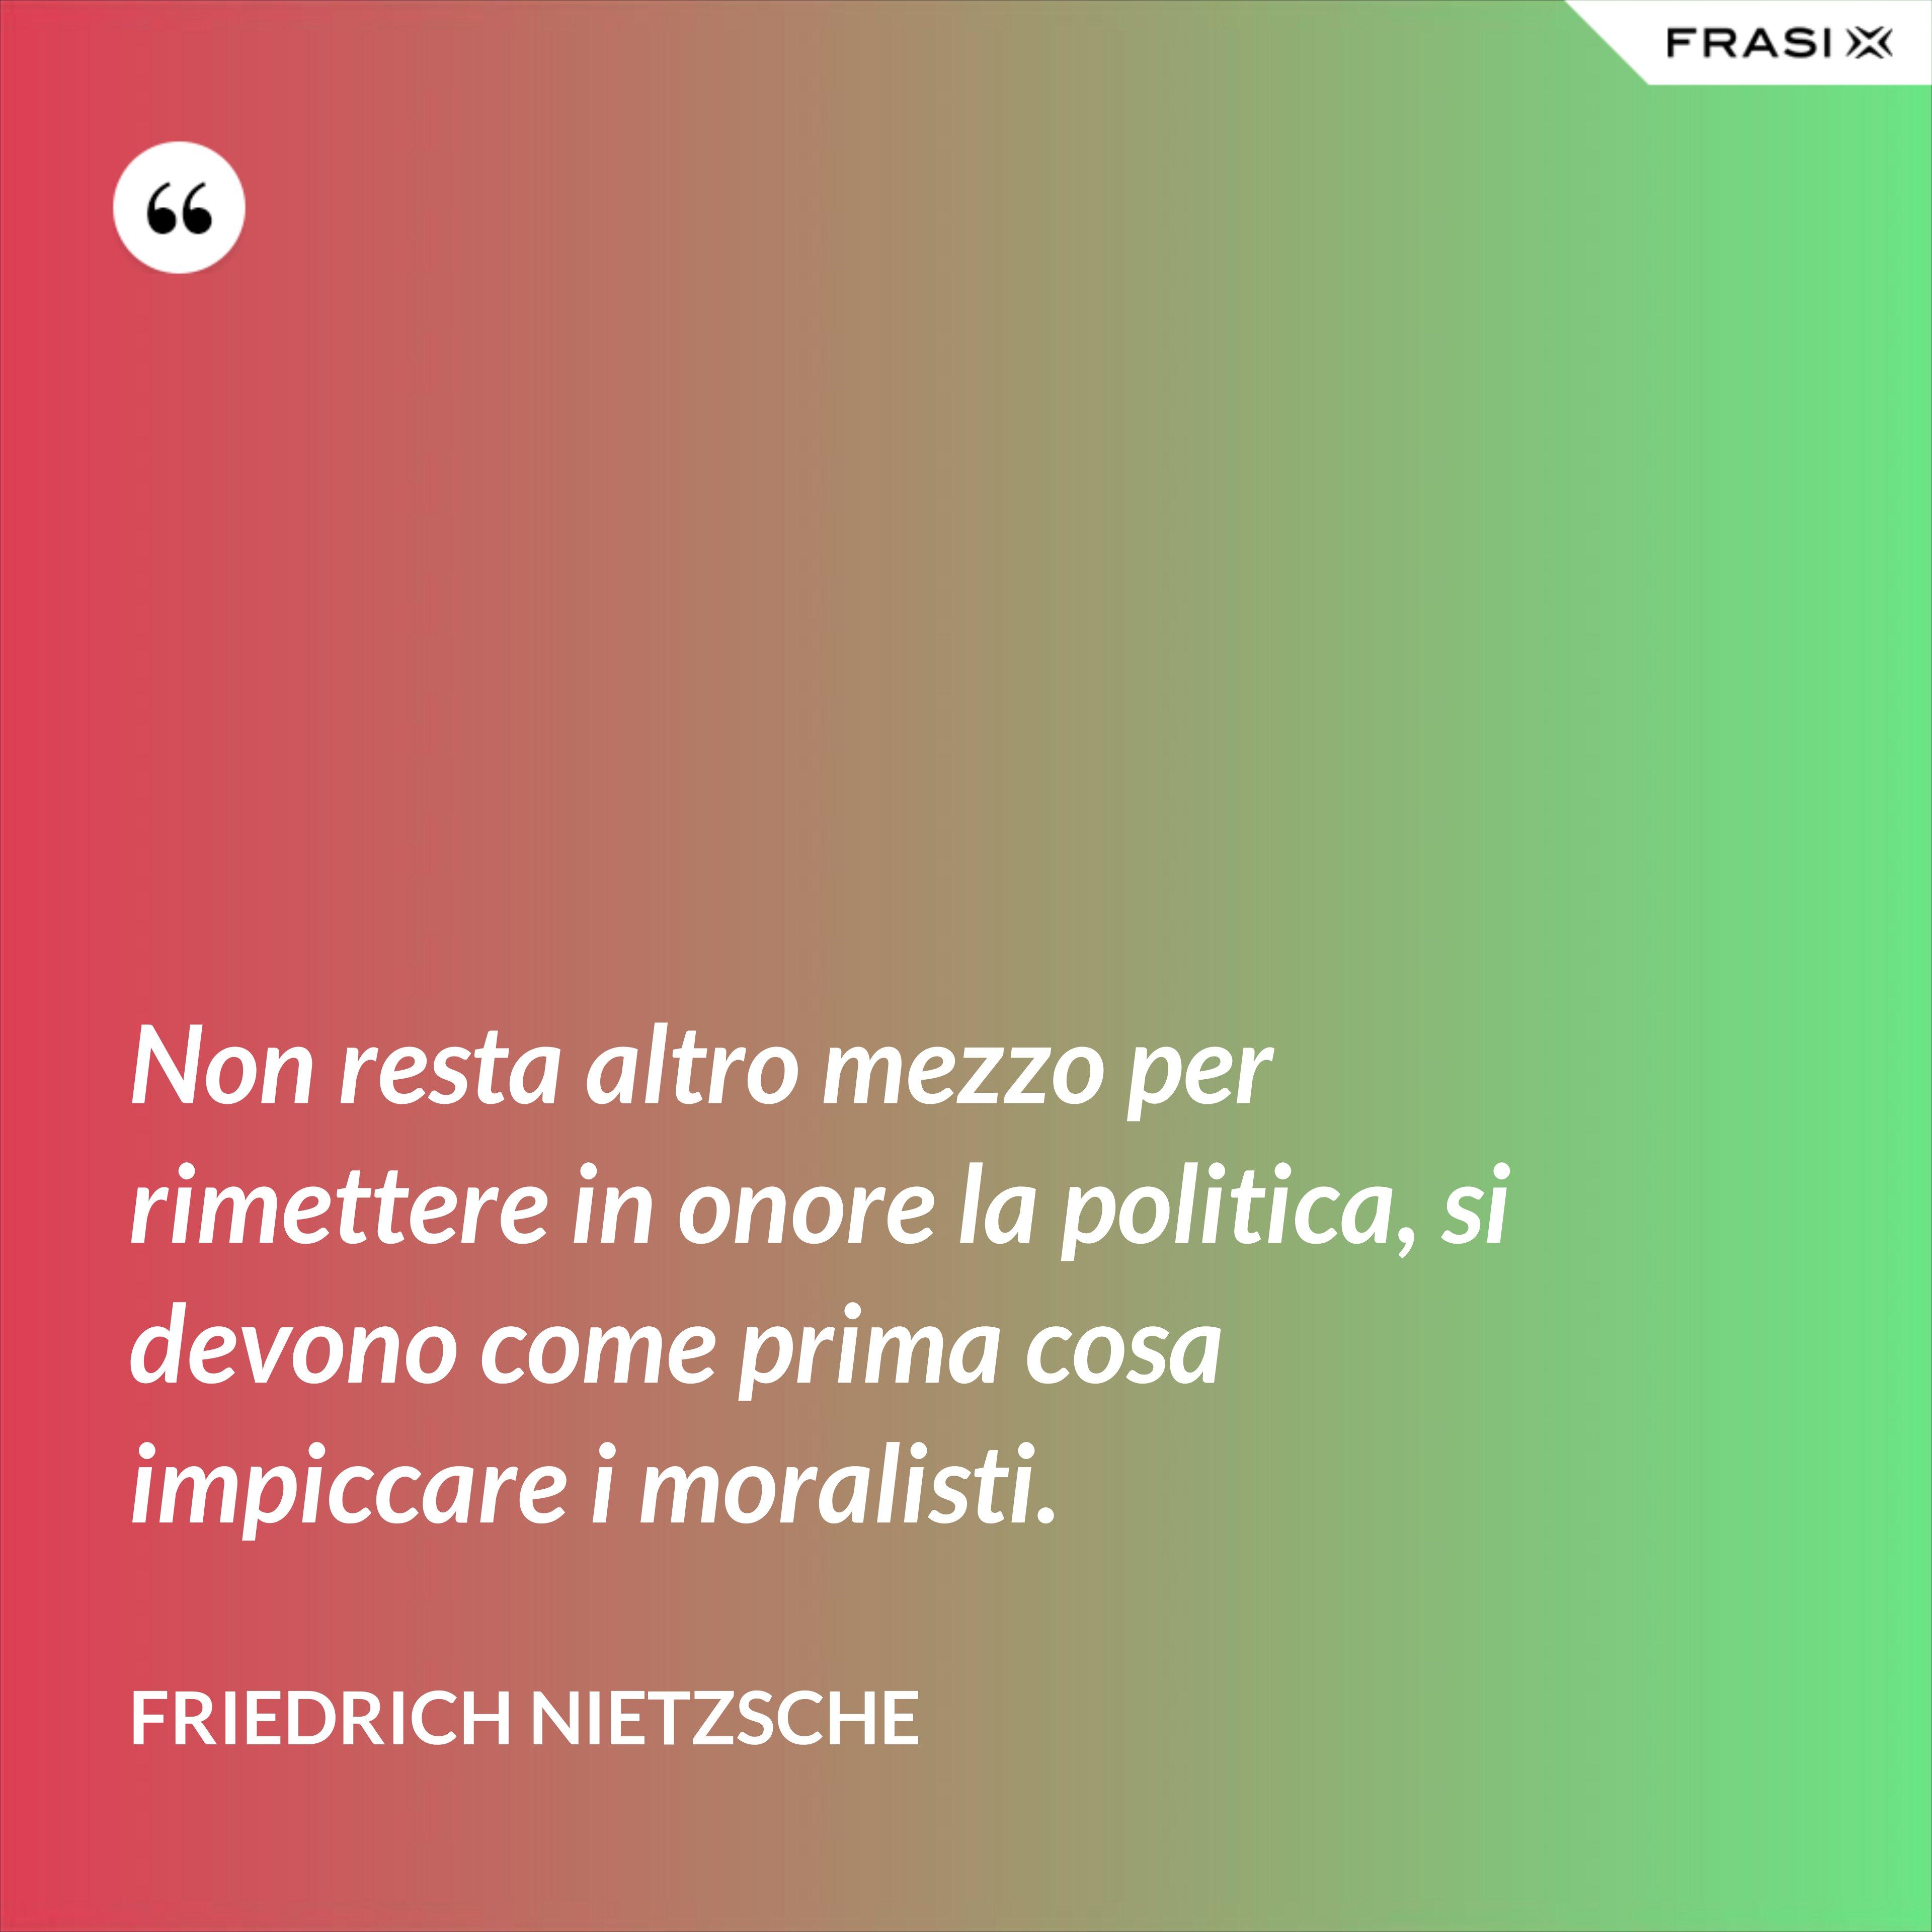 Non resta altro mezzo per rimettere in onore la politica, si devono come prima cosa impiccare i moralisti. - Friedrich Nietzsche